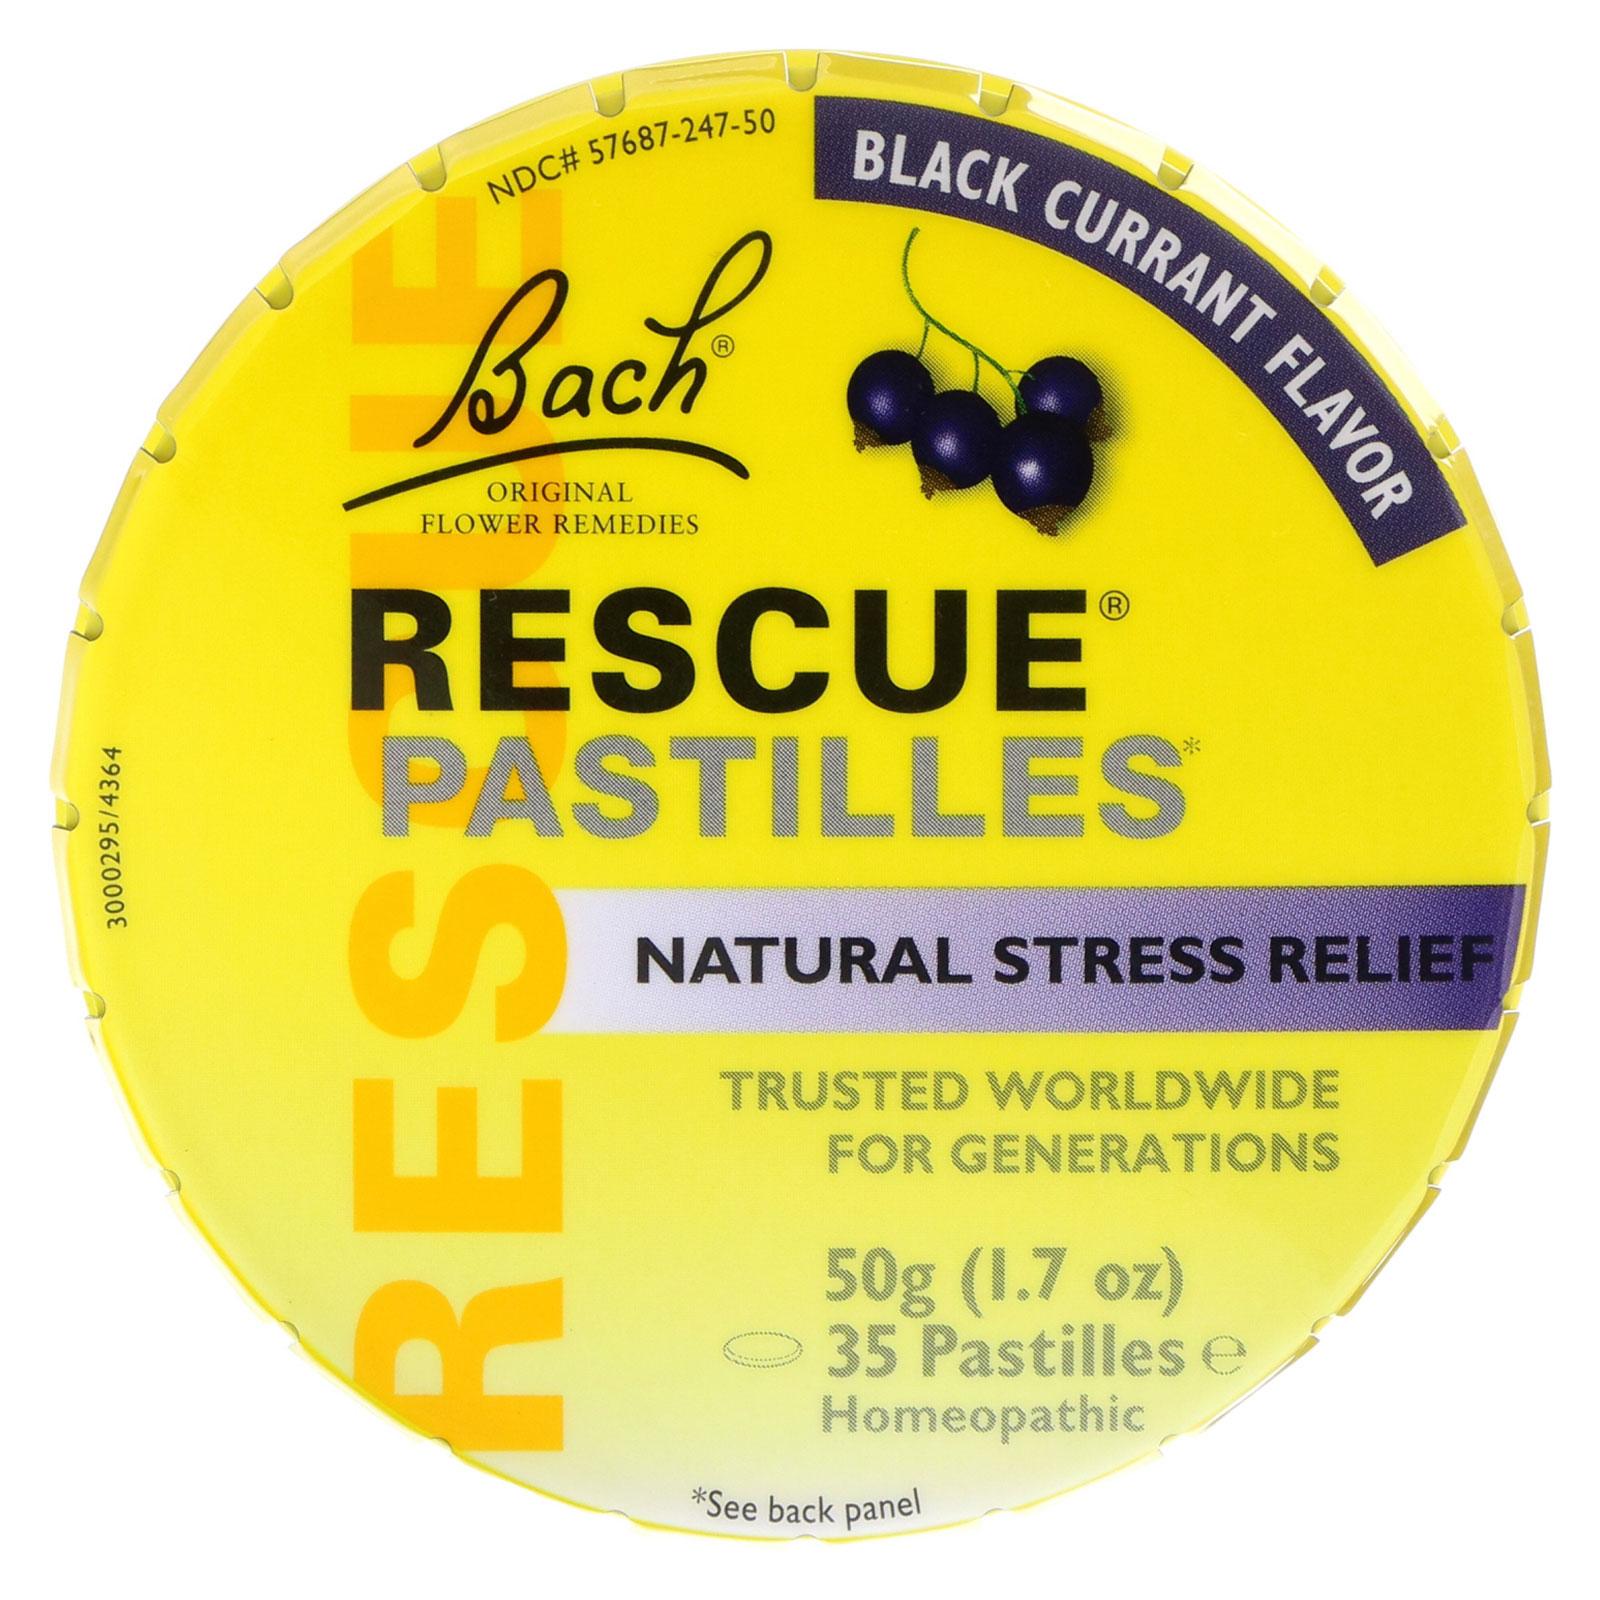 Bach, Original Flower Remedies, Rescue Pastilles, Natural Stress Relief, Black Currant Flavor, 1.7 oz (50 g) Pastilles